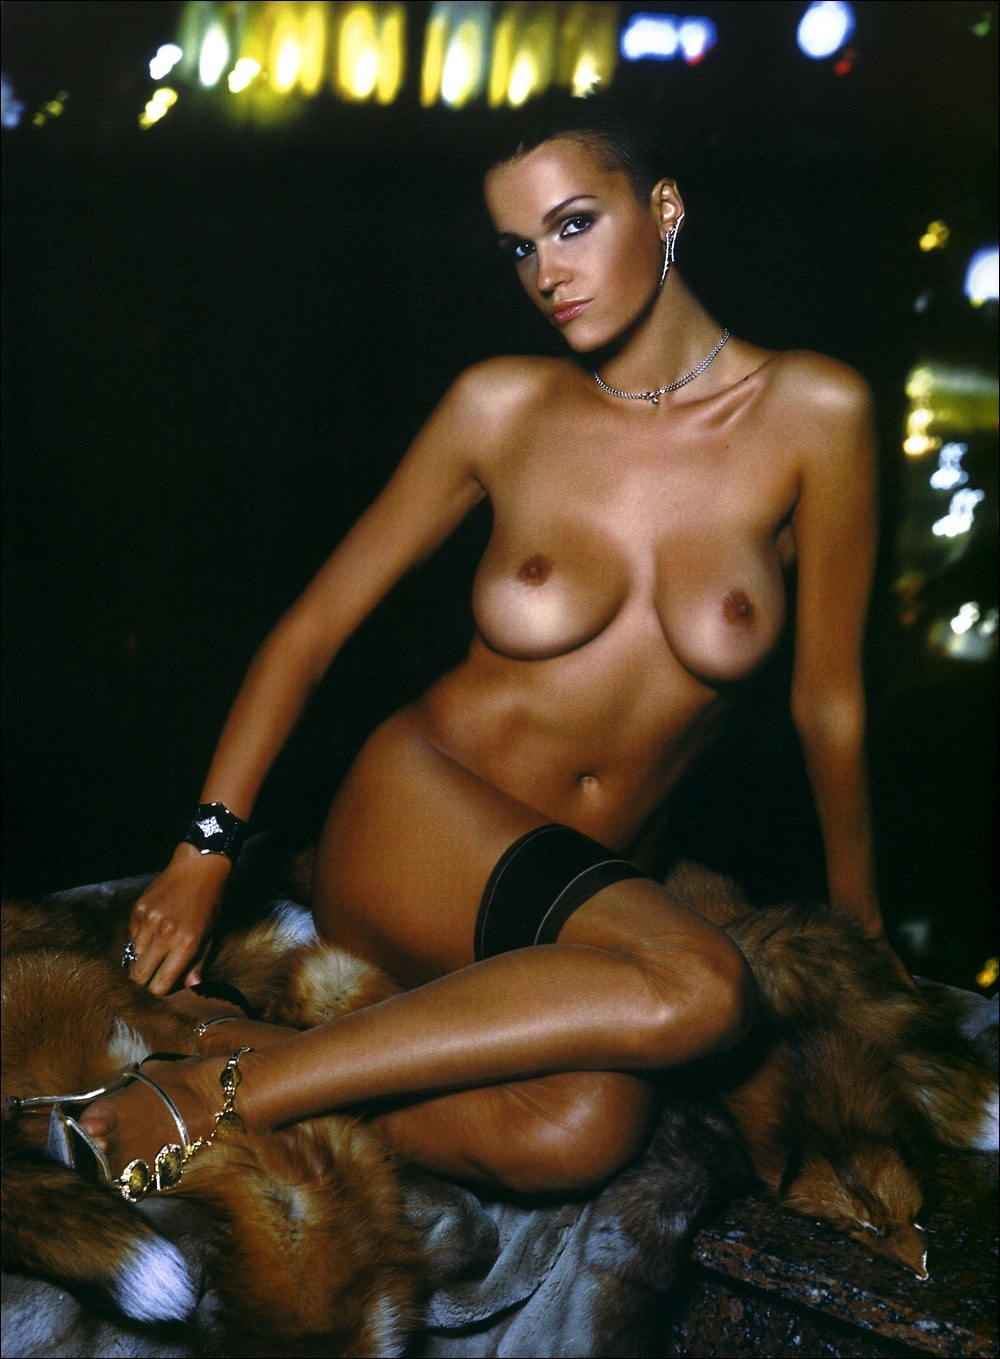 фото российских порно актрис смотреть онлайн